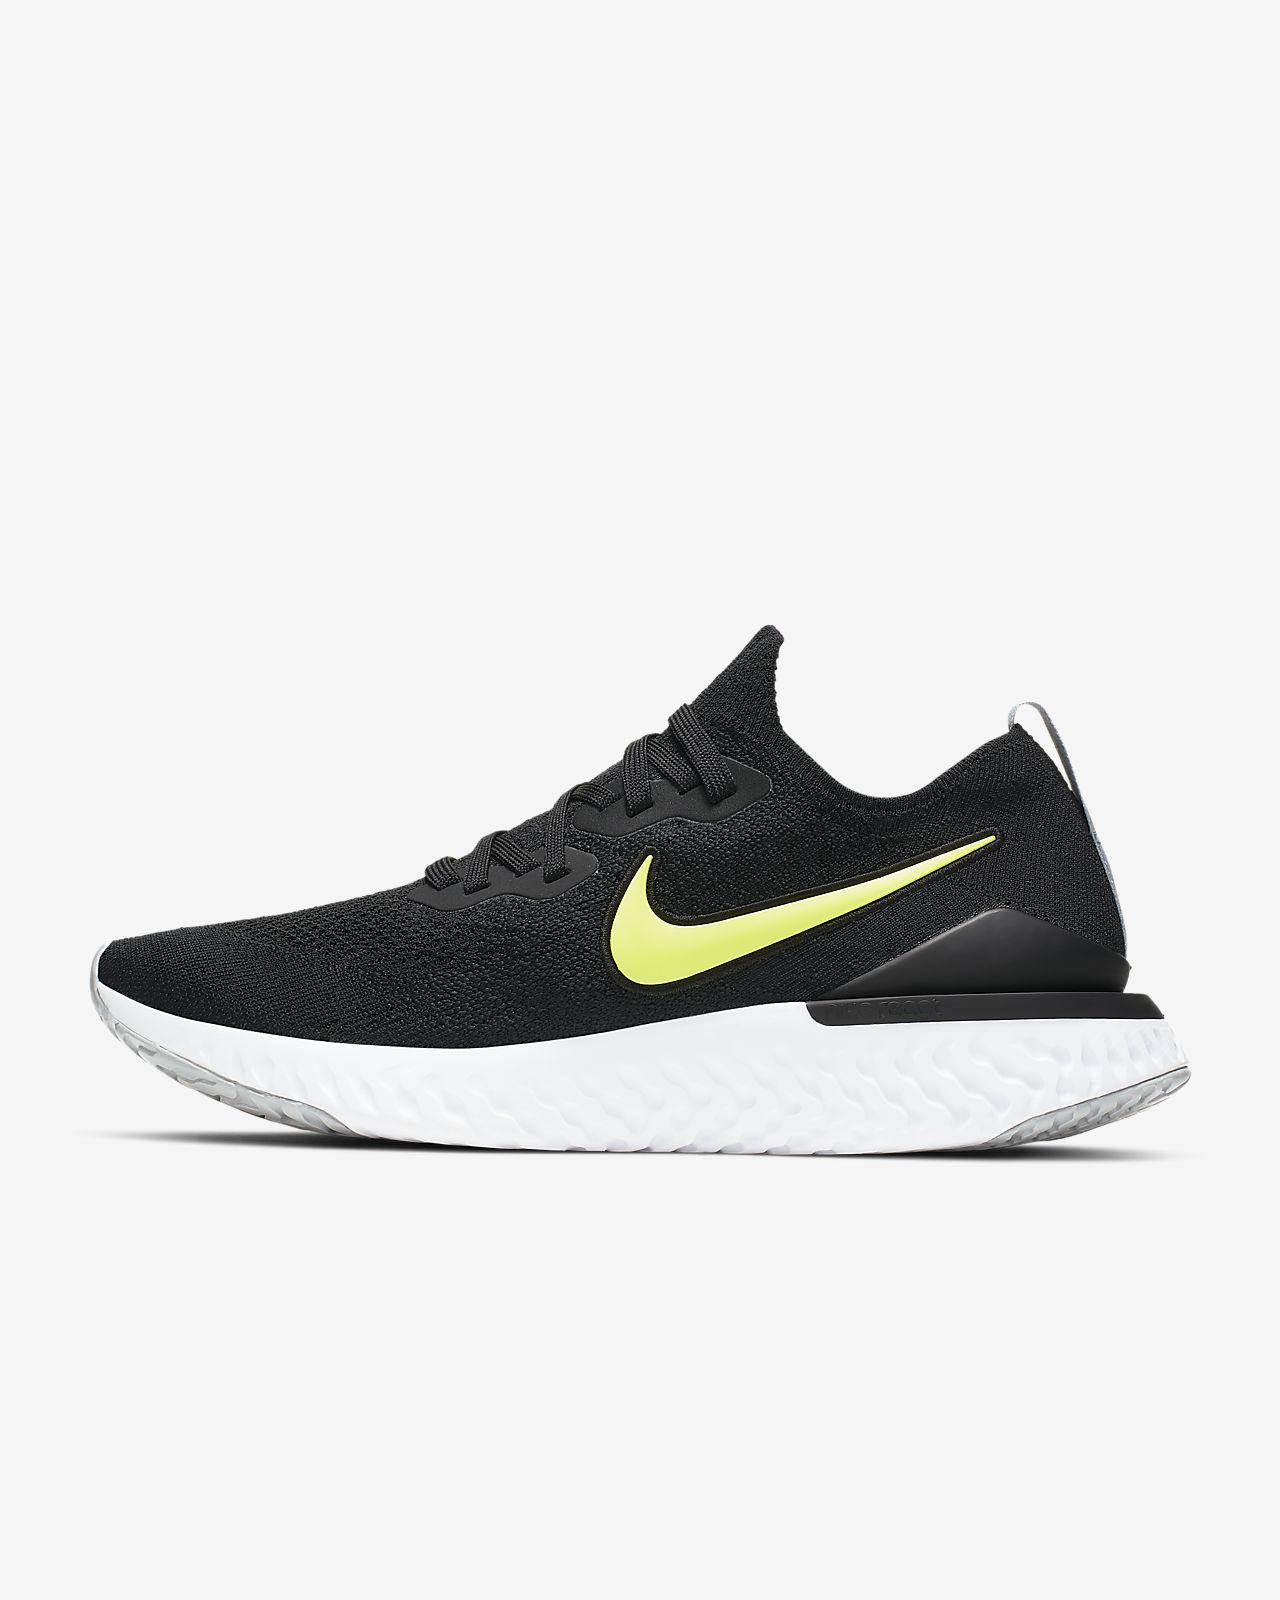 Мужские беговые кроссовки Nike Epic React Flyknit 2